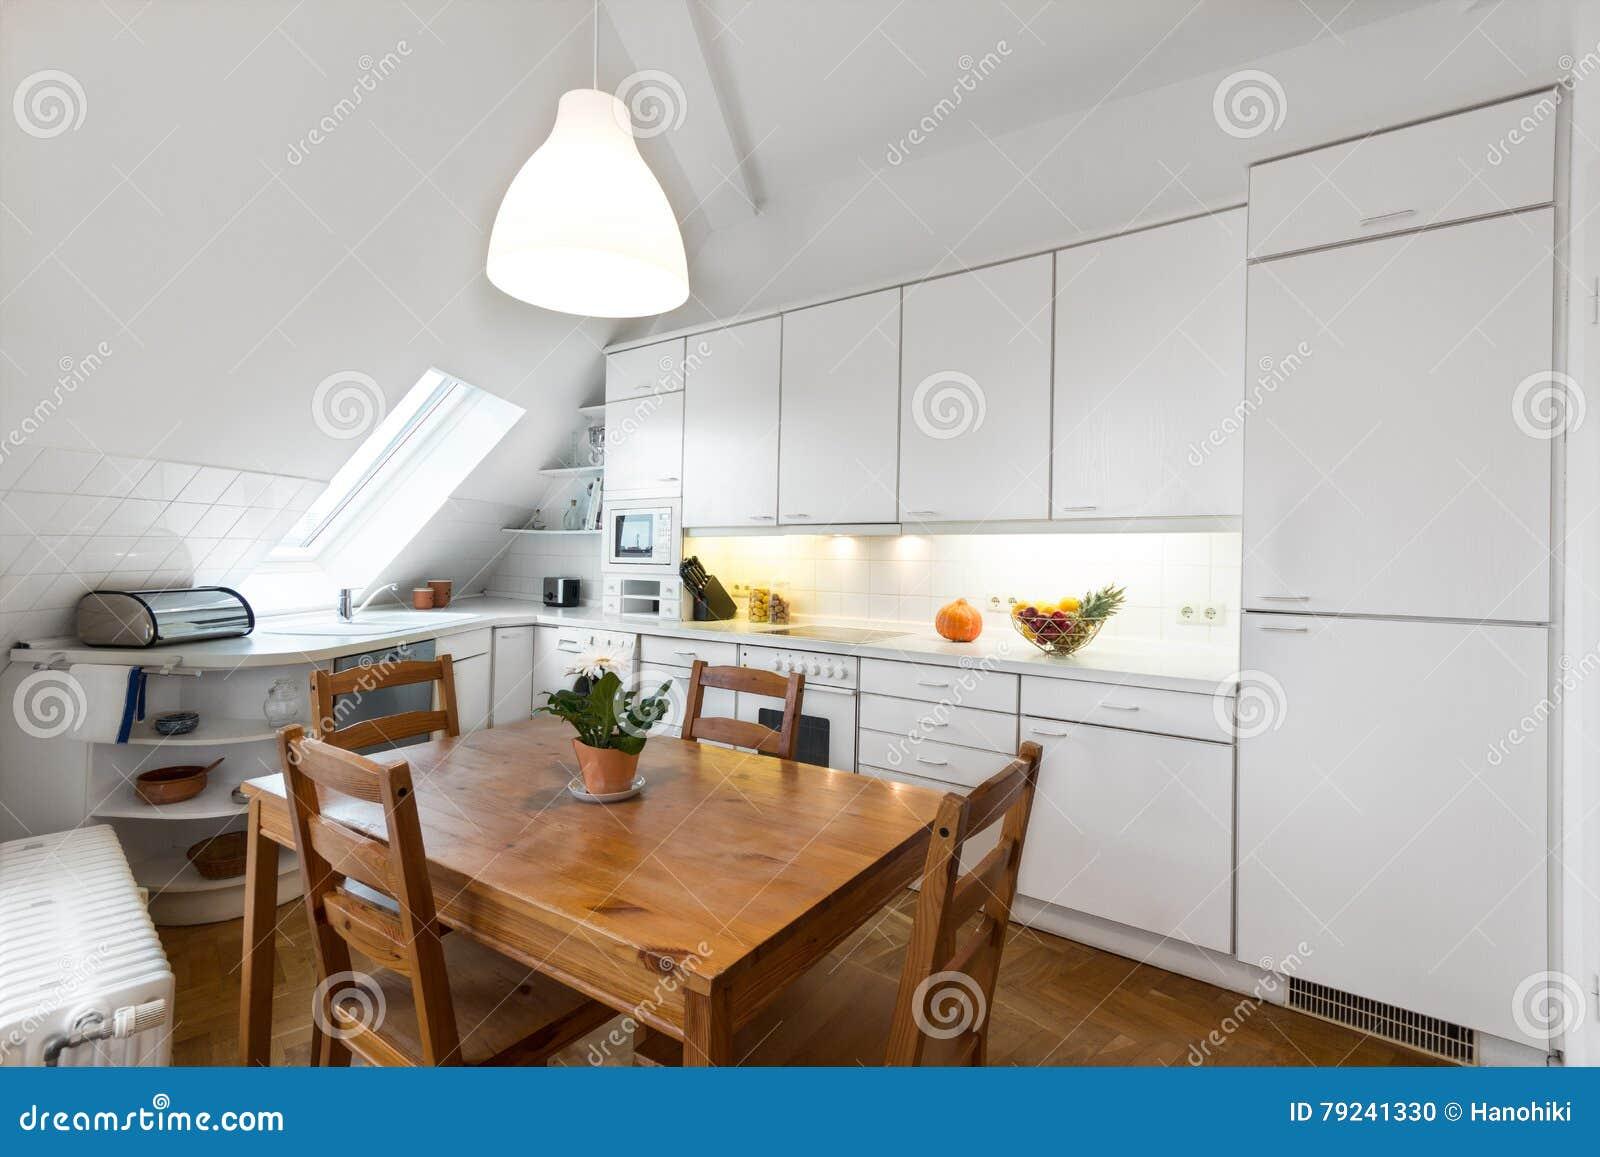 Mooie Witte Keuken : Koel keukens inspirational hoogglans witte keuken met toestellen